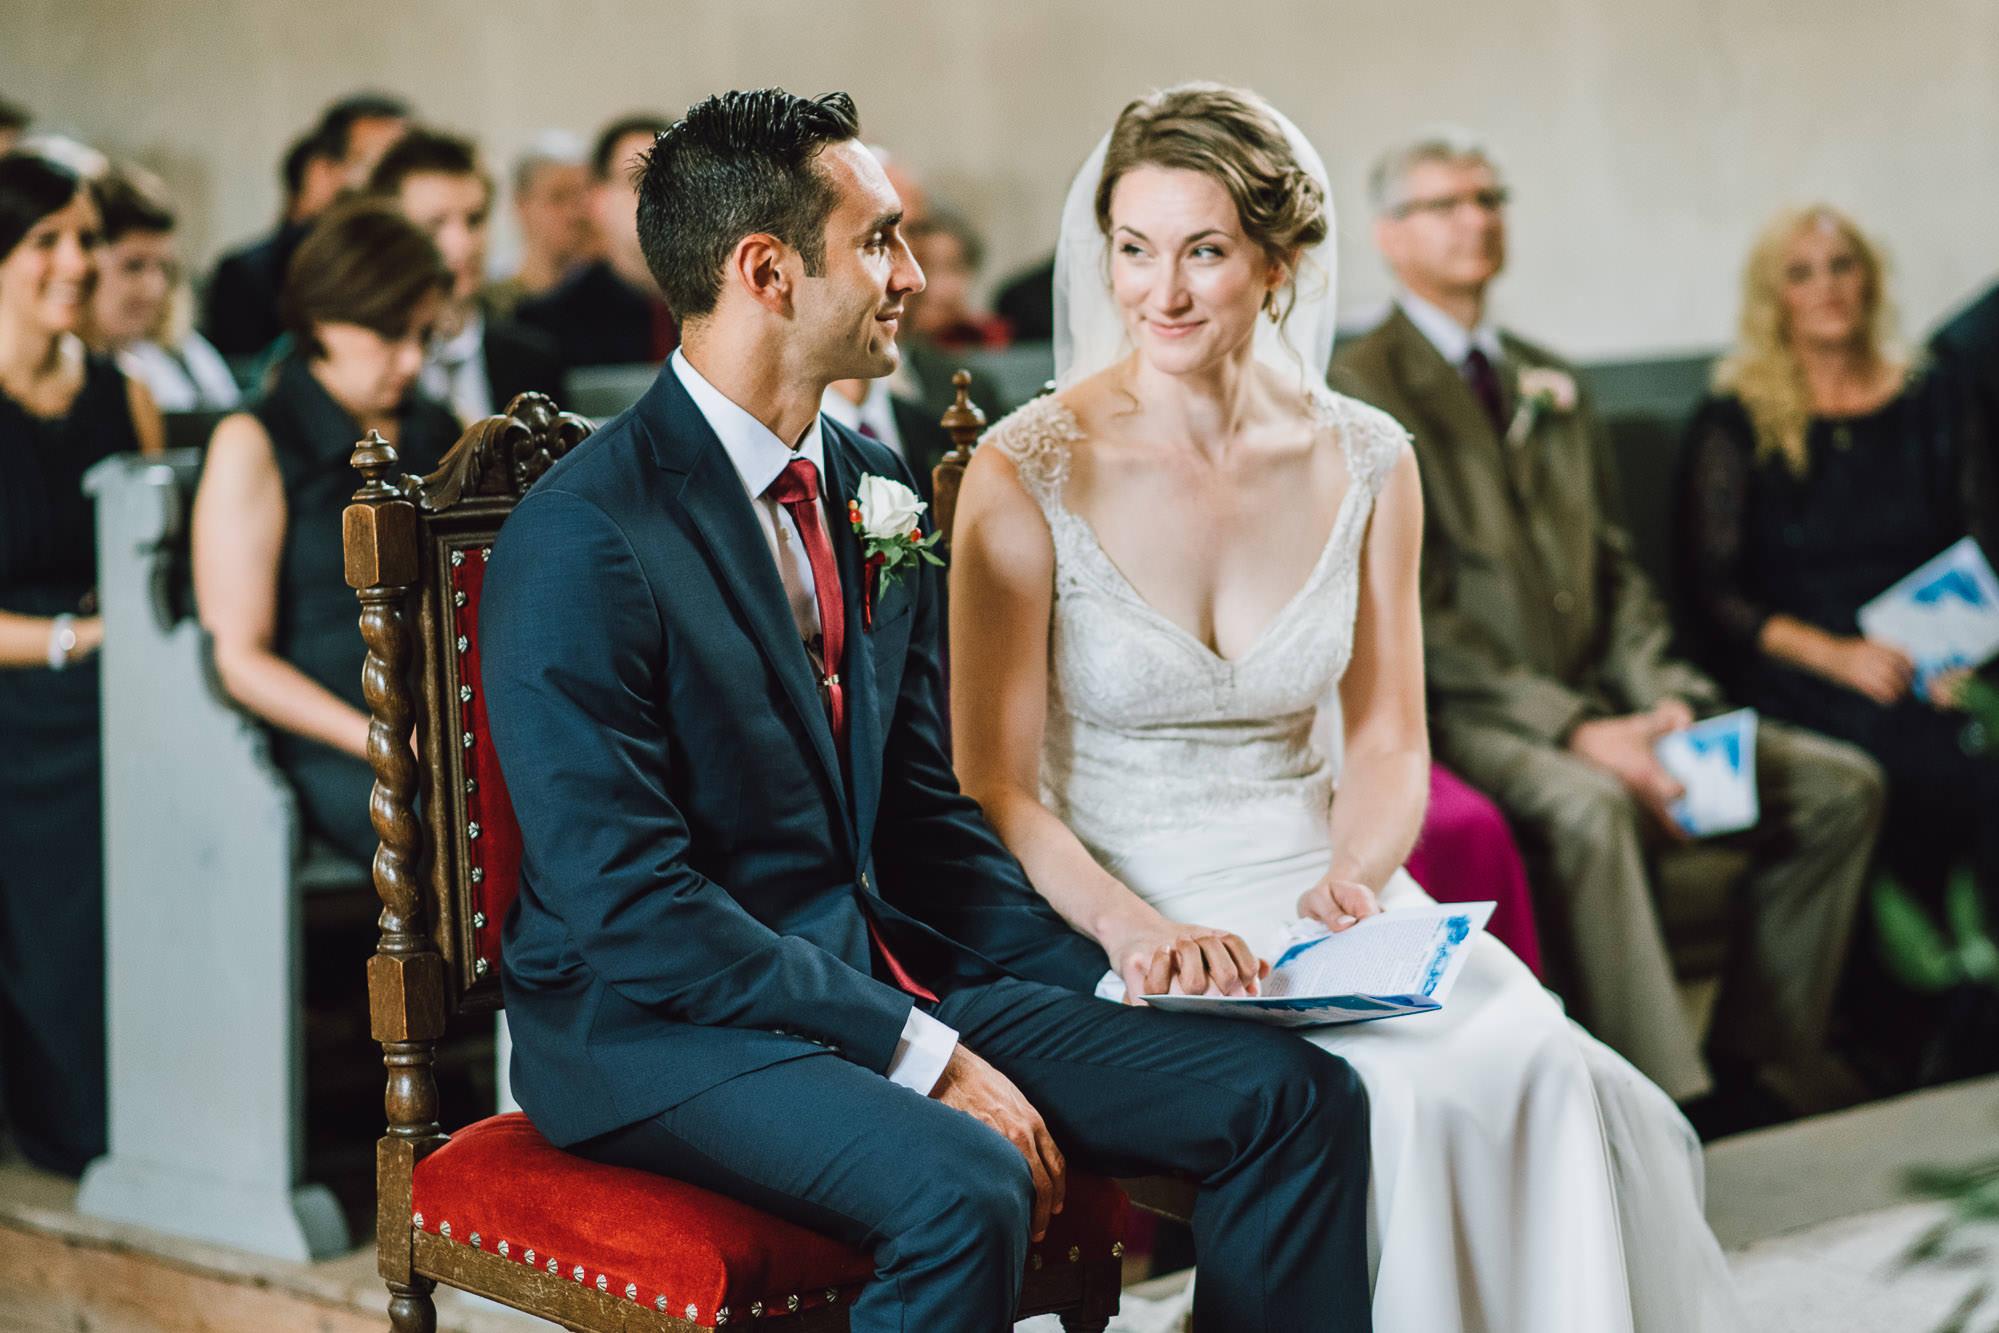 rustic-elegant-wedding-schloss-hochzeit-eyrichshof-franken-bamberg-052